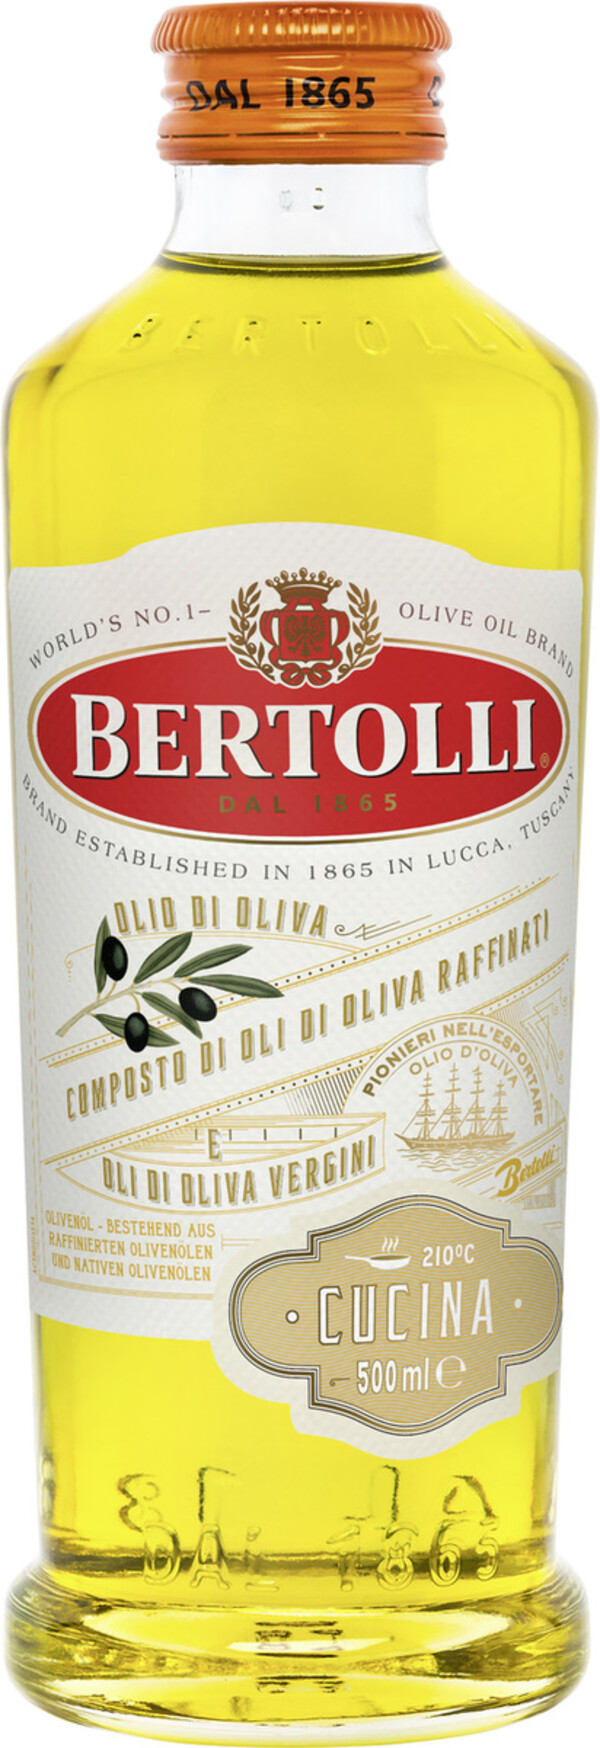 Bertolli Olivenöl 500 ml